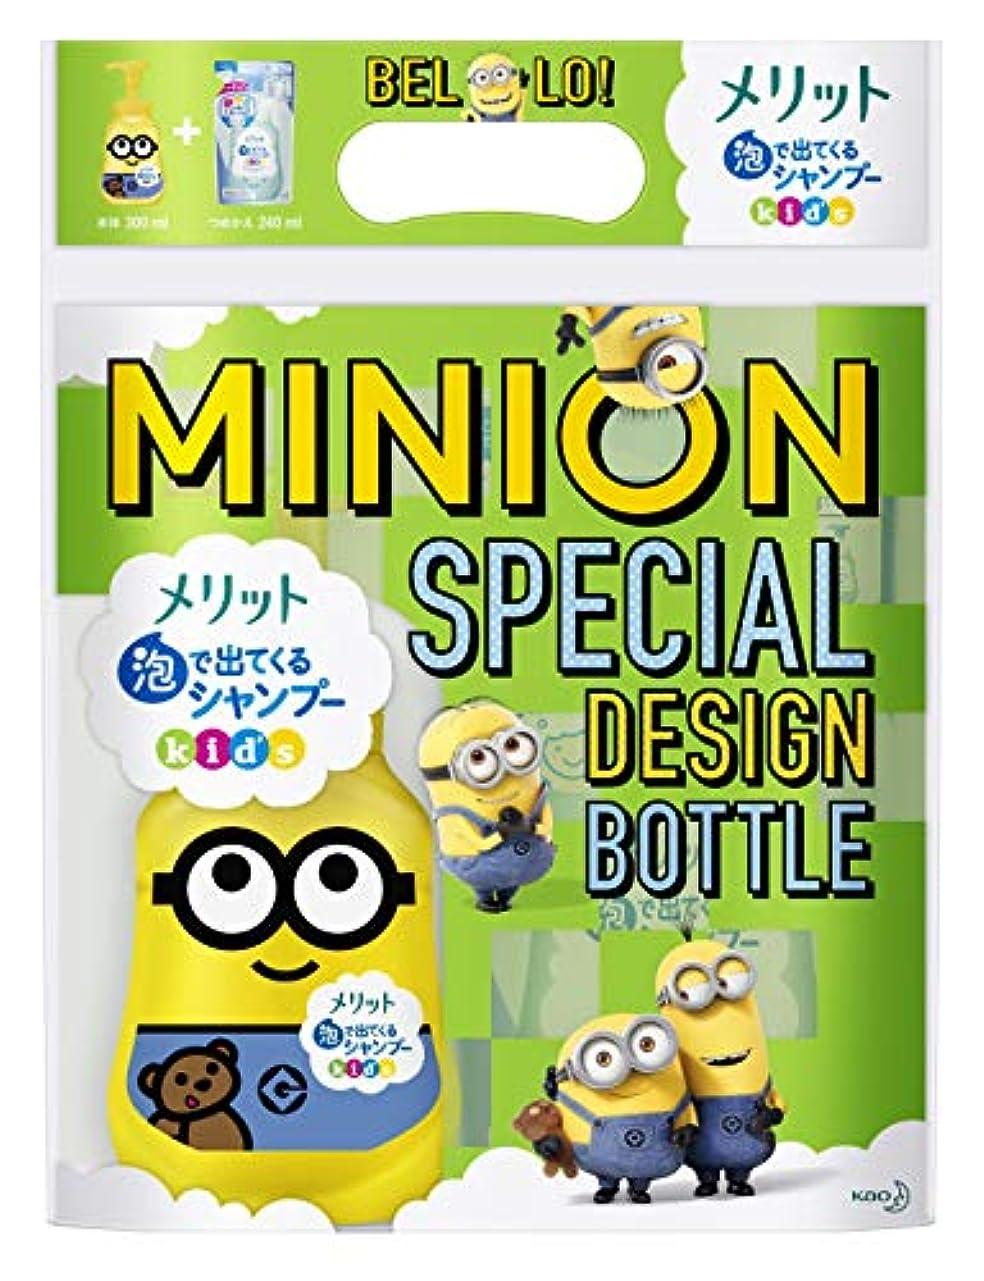 プロテスタントクラブ生態学メリット 泡で出てくるシャンプー キッズ ミニオン スペシャルデザインボトル [ Minion Special Design Bottle ] + つめかえ用セット (デザインボトル300ml+つめかえ用240ml)